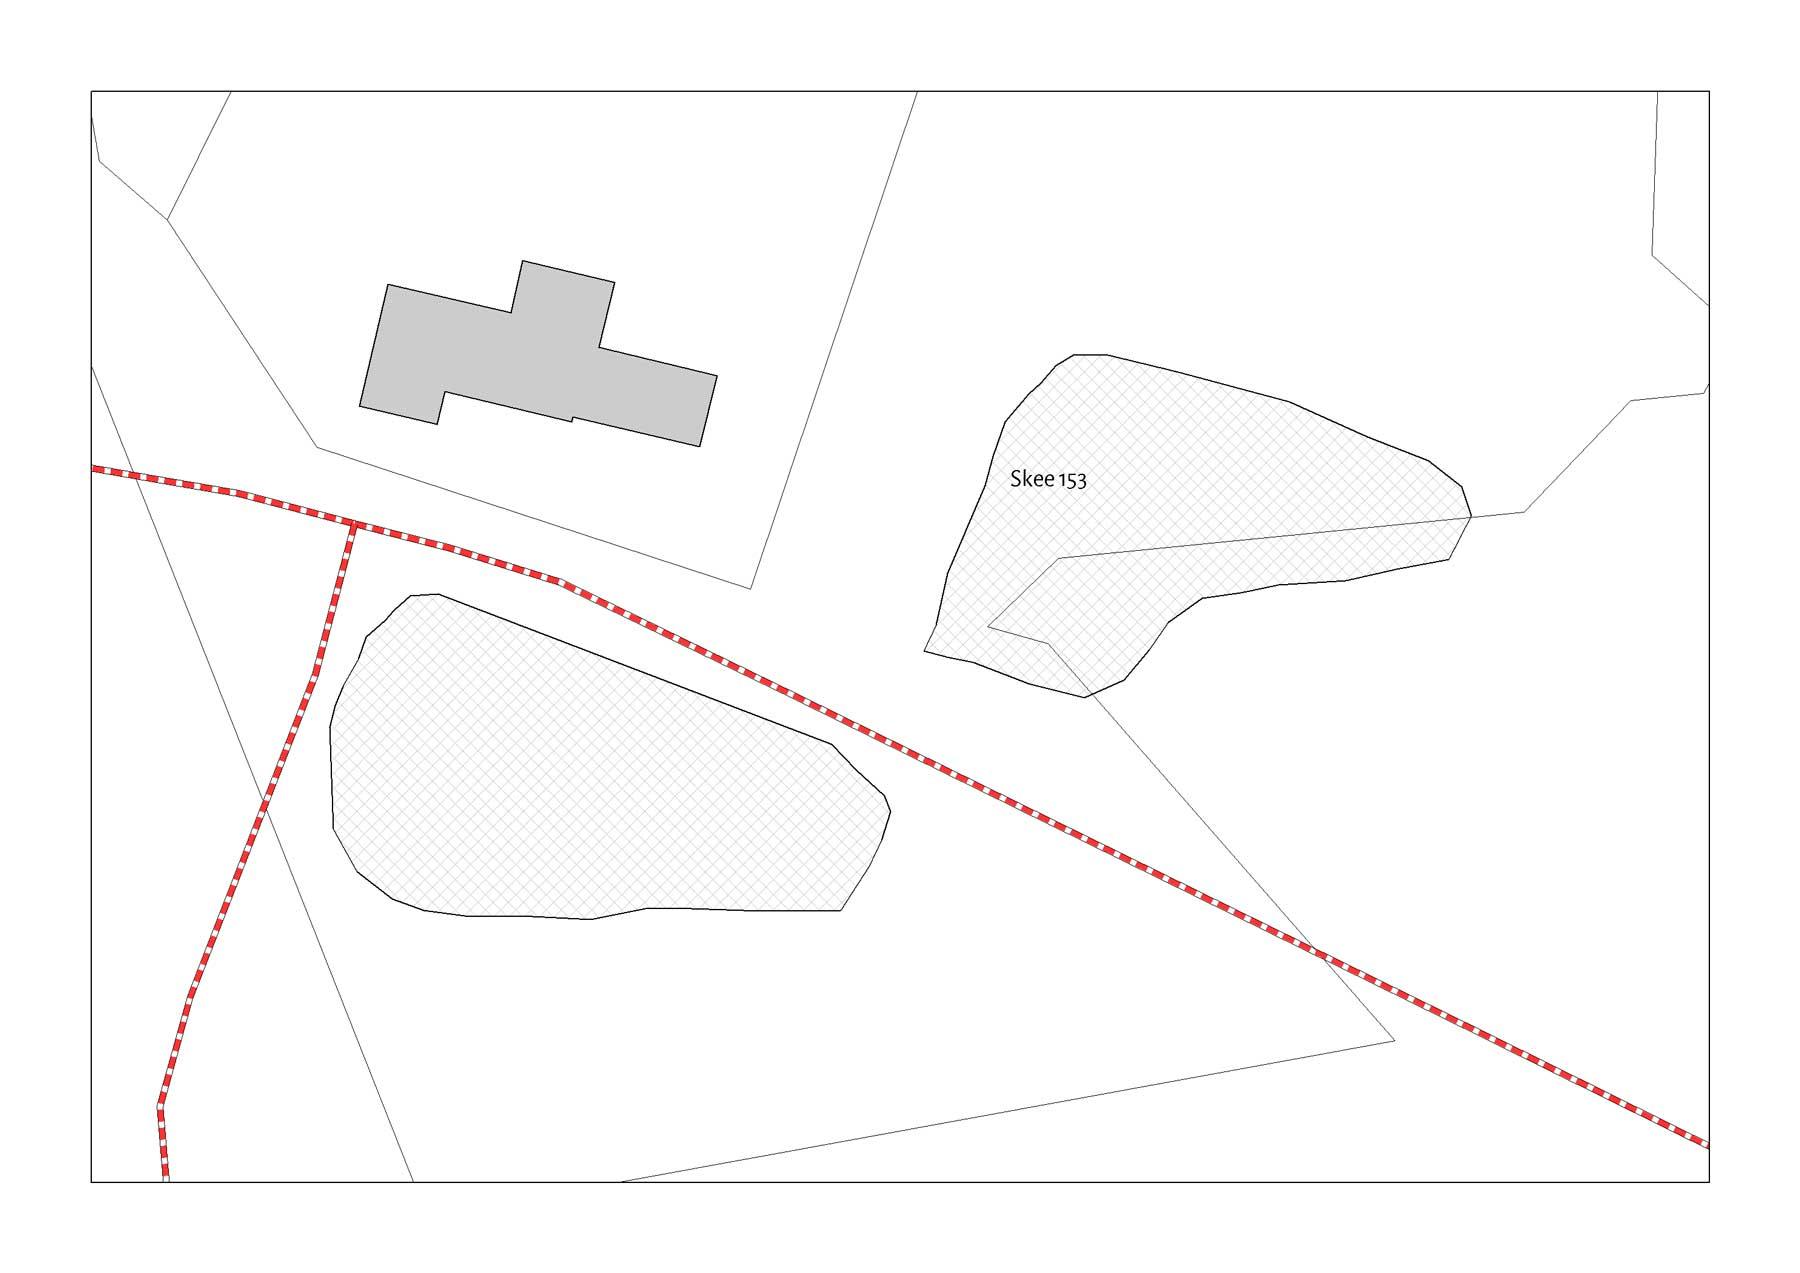 Plan-Skee-153-och-kringomr